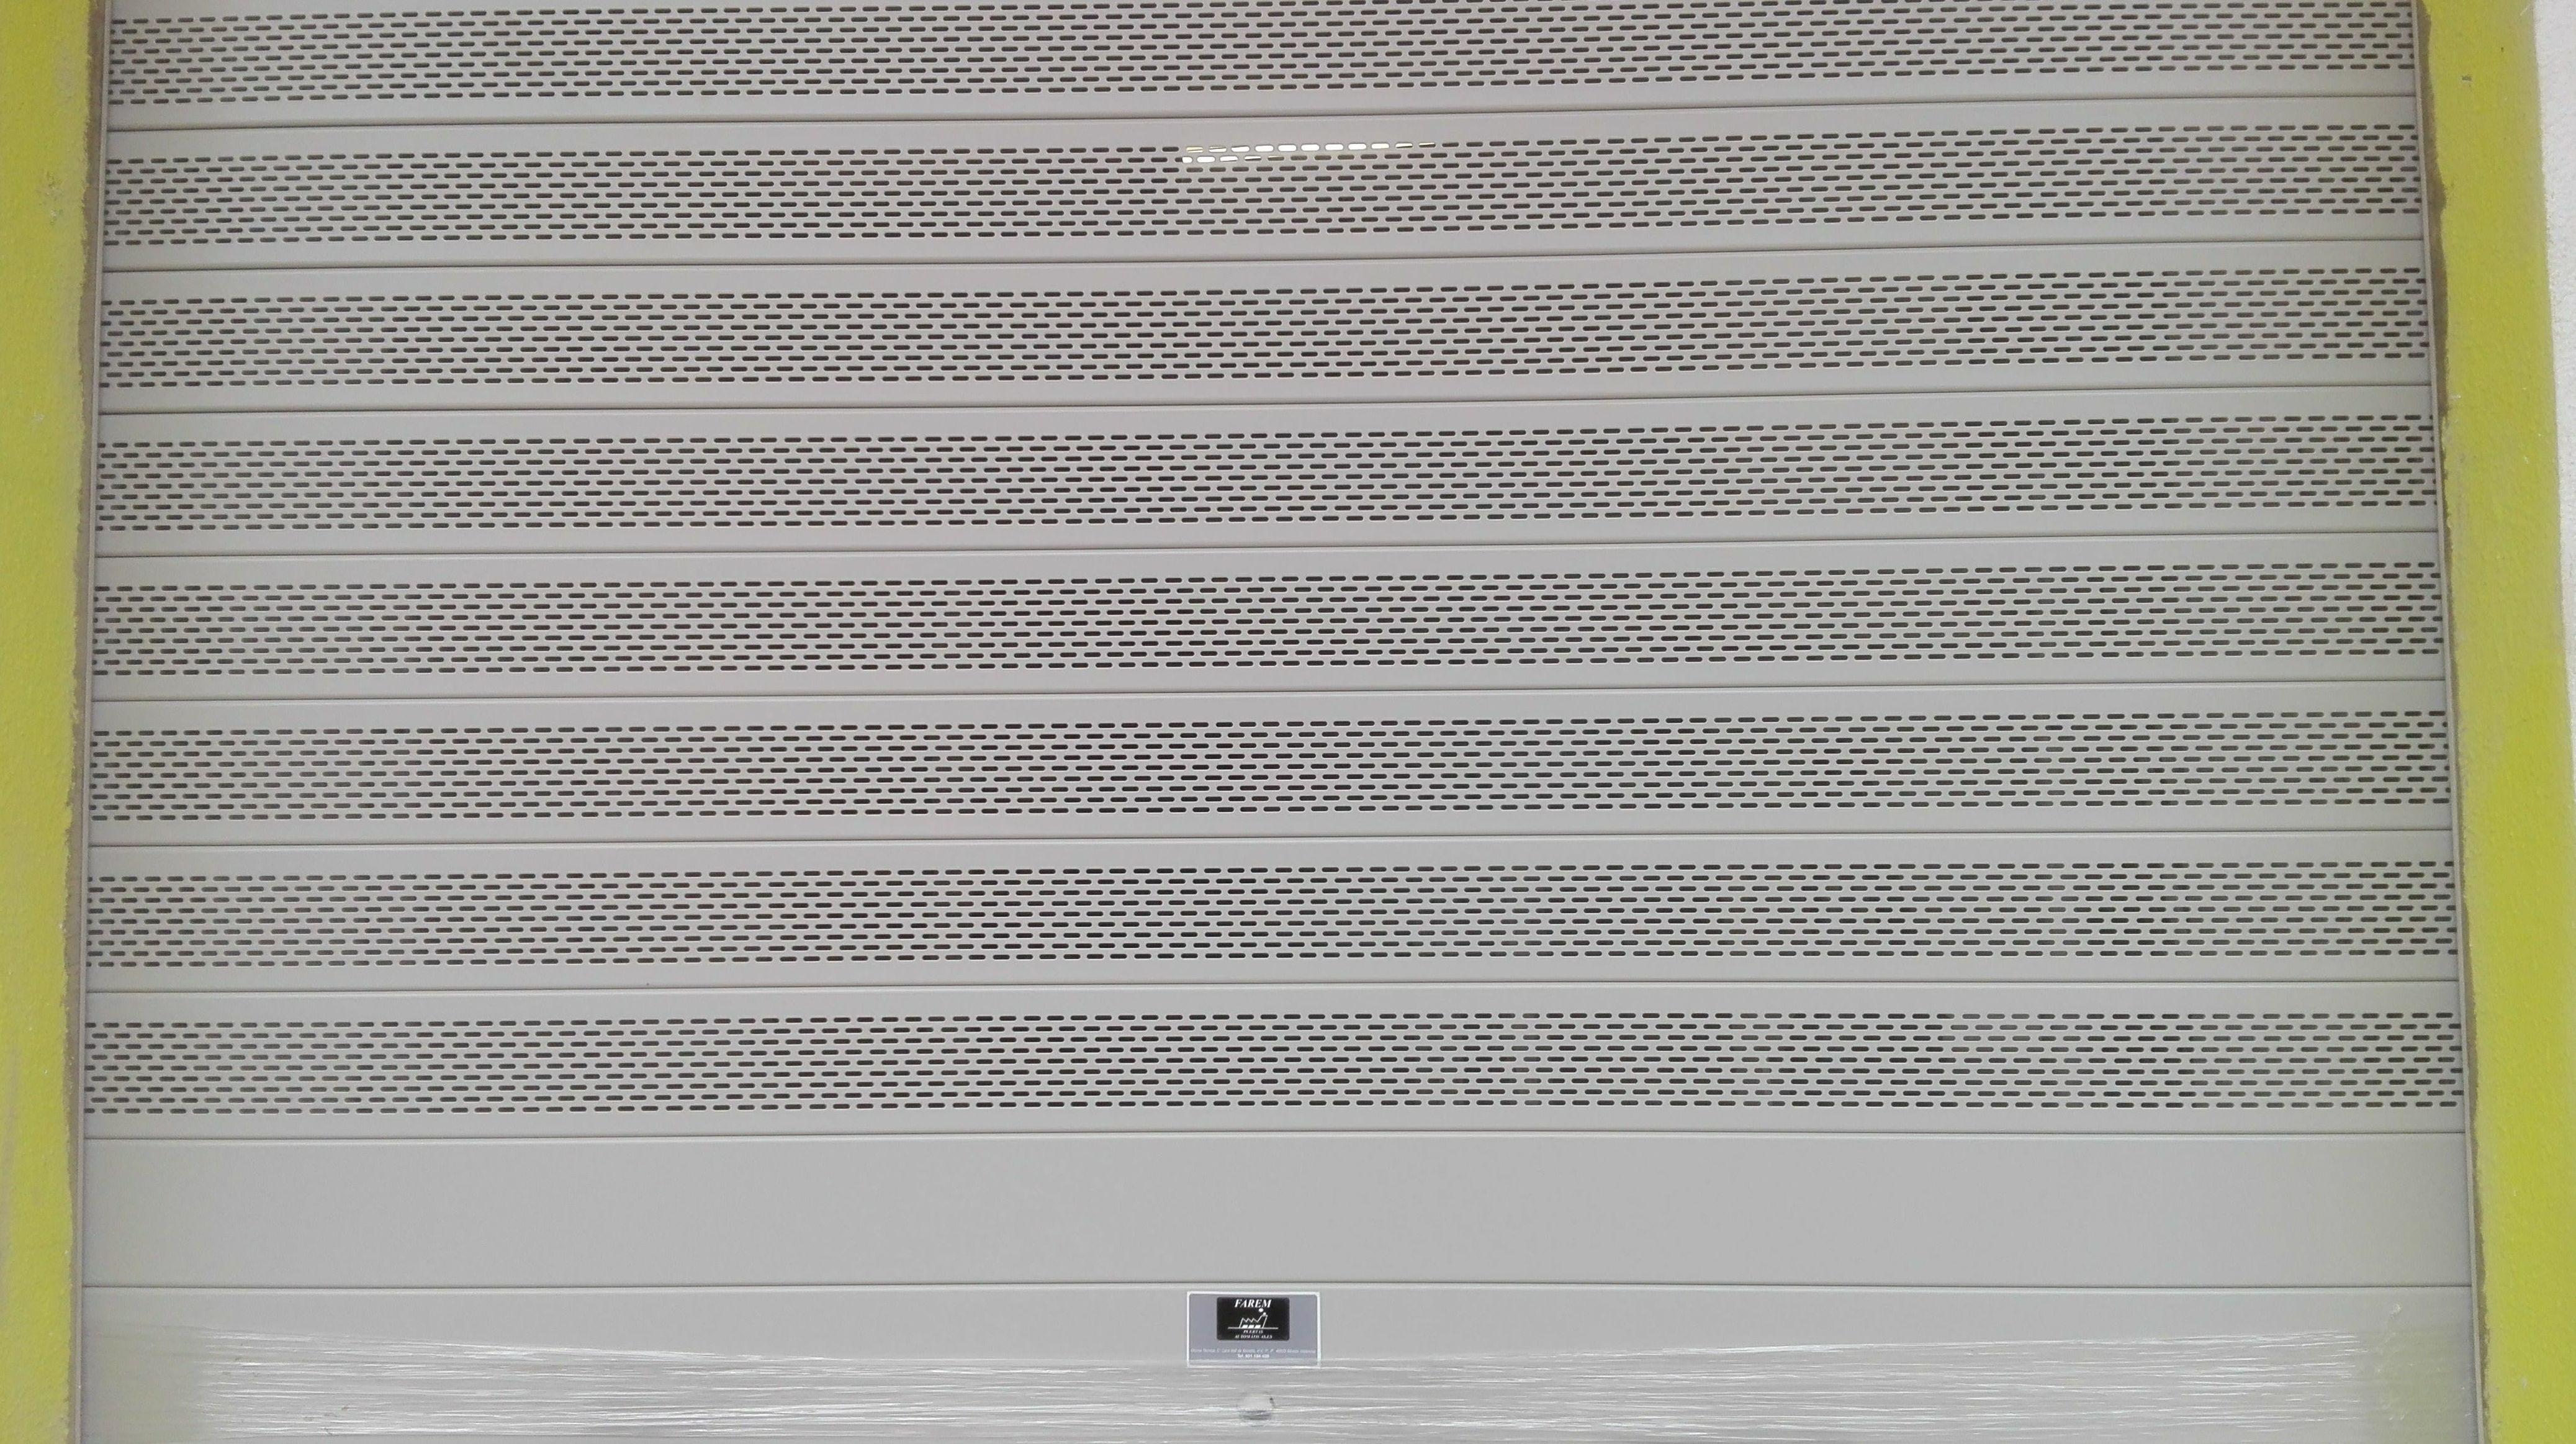 Puerta enrollable de aluminio automática de lama microperforada ovalada ral 9006 gris